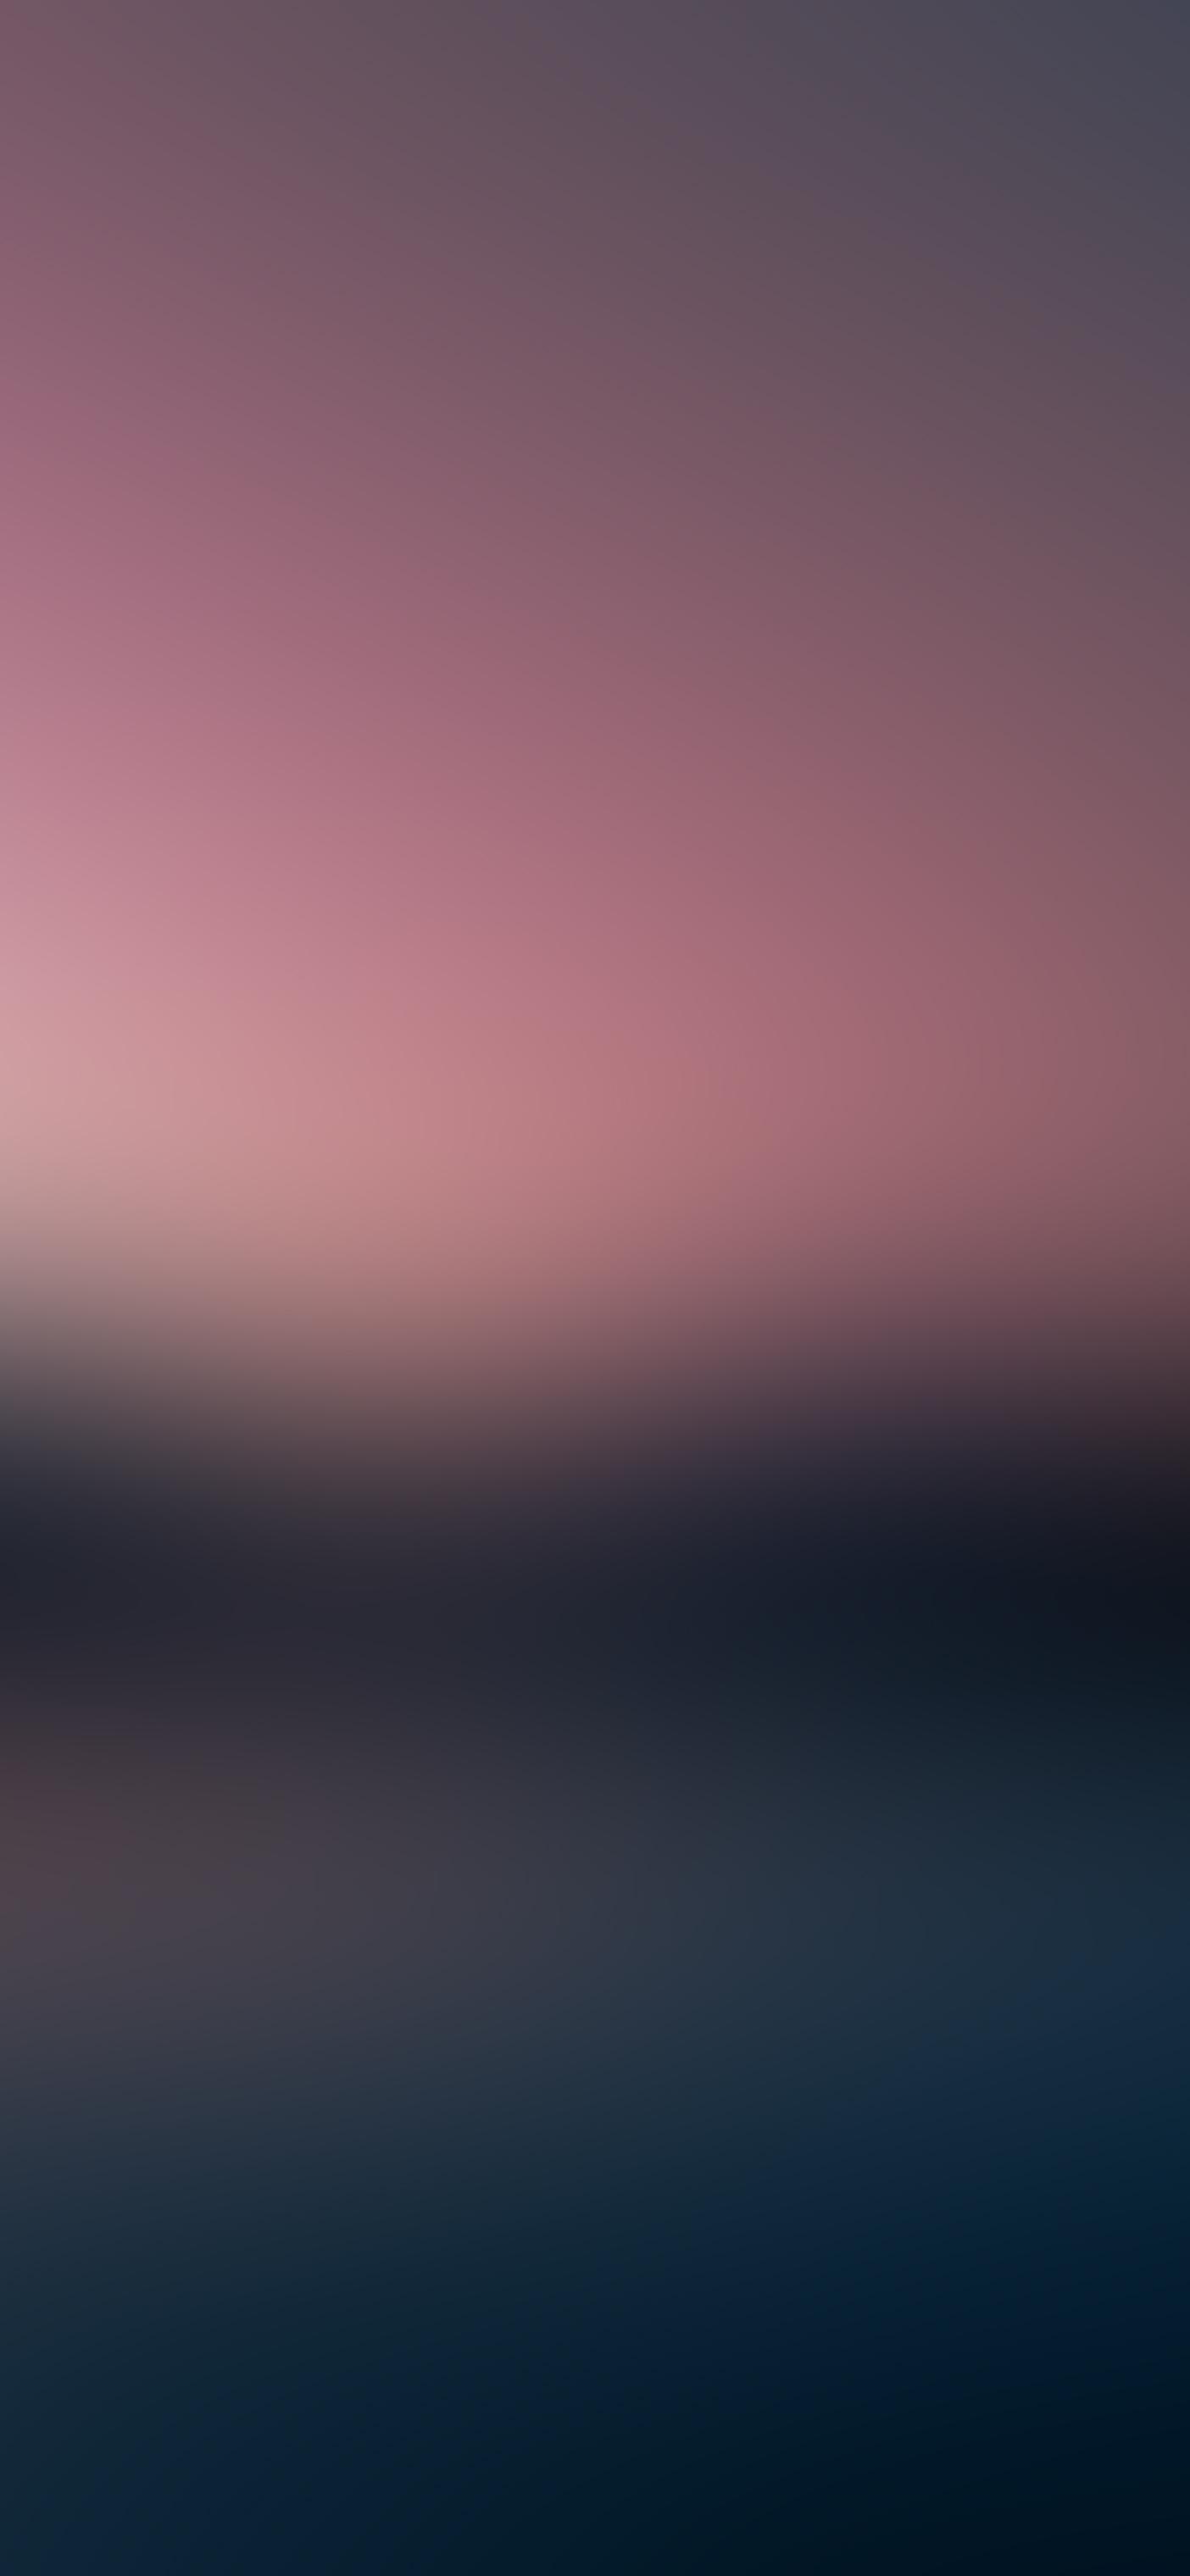 Gradient iPhone Wallpaper 4